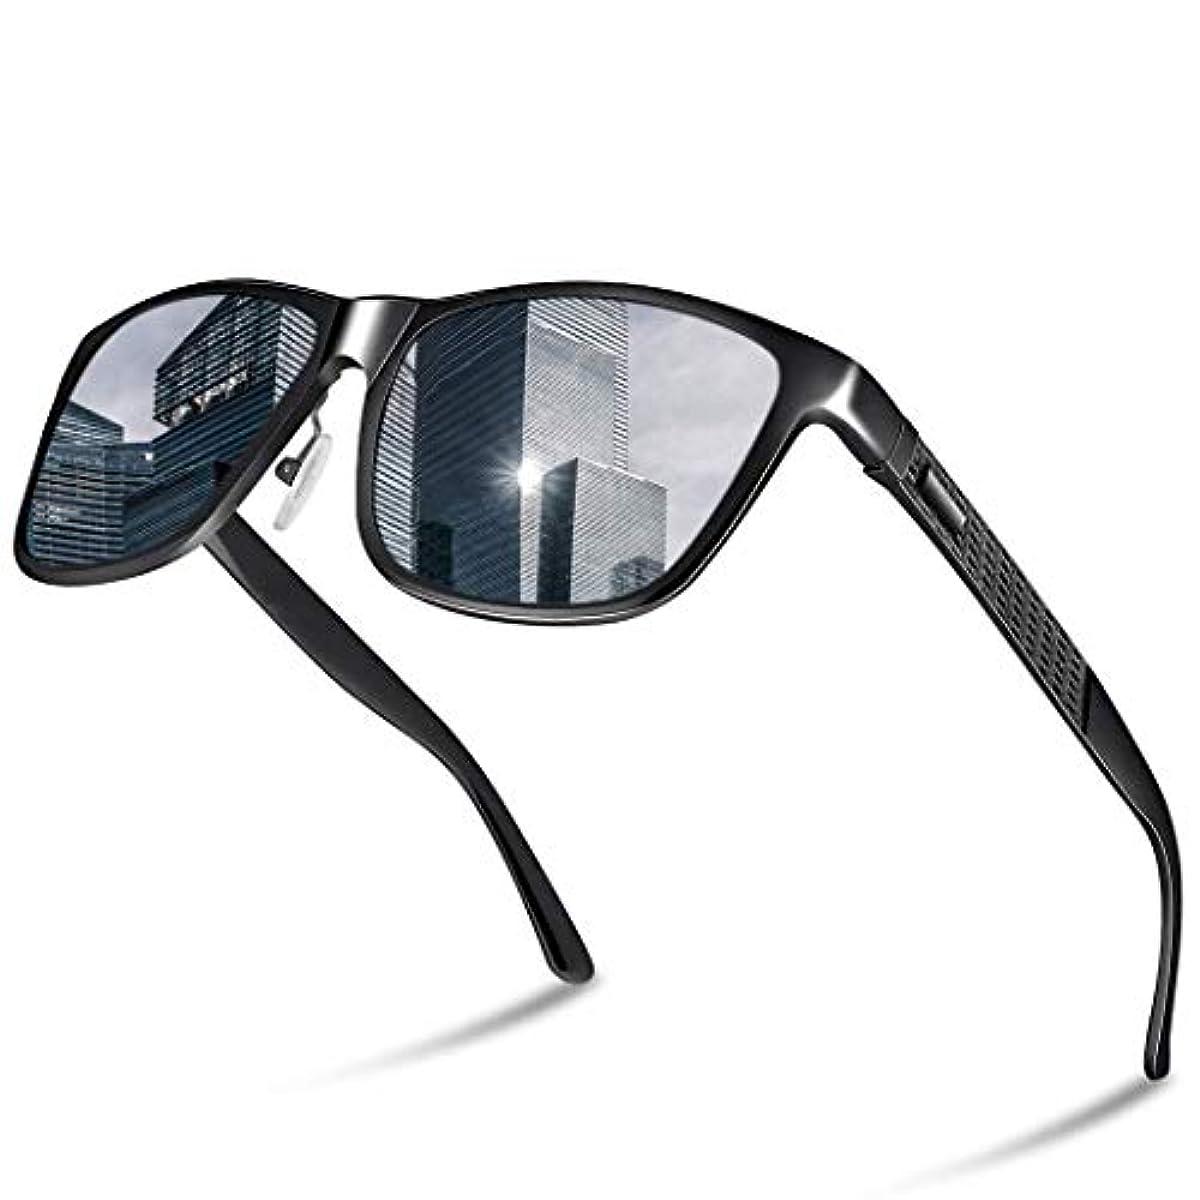 [해외] GLAZATA 편광 썬글라스 UV400 자외선 컷 메탈 프레임 스포츠 썬글라스 드라이어이브/야구/자전거/낚시/런닝/골프/운전 남녀 겸용